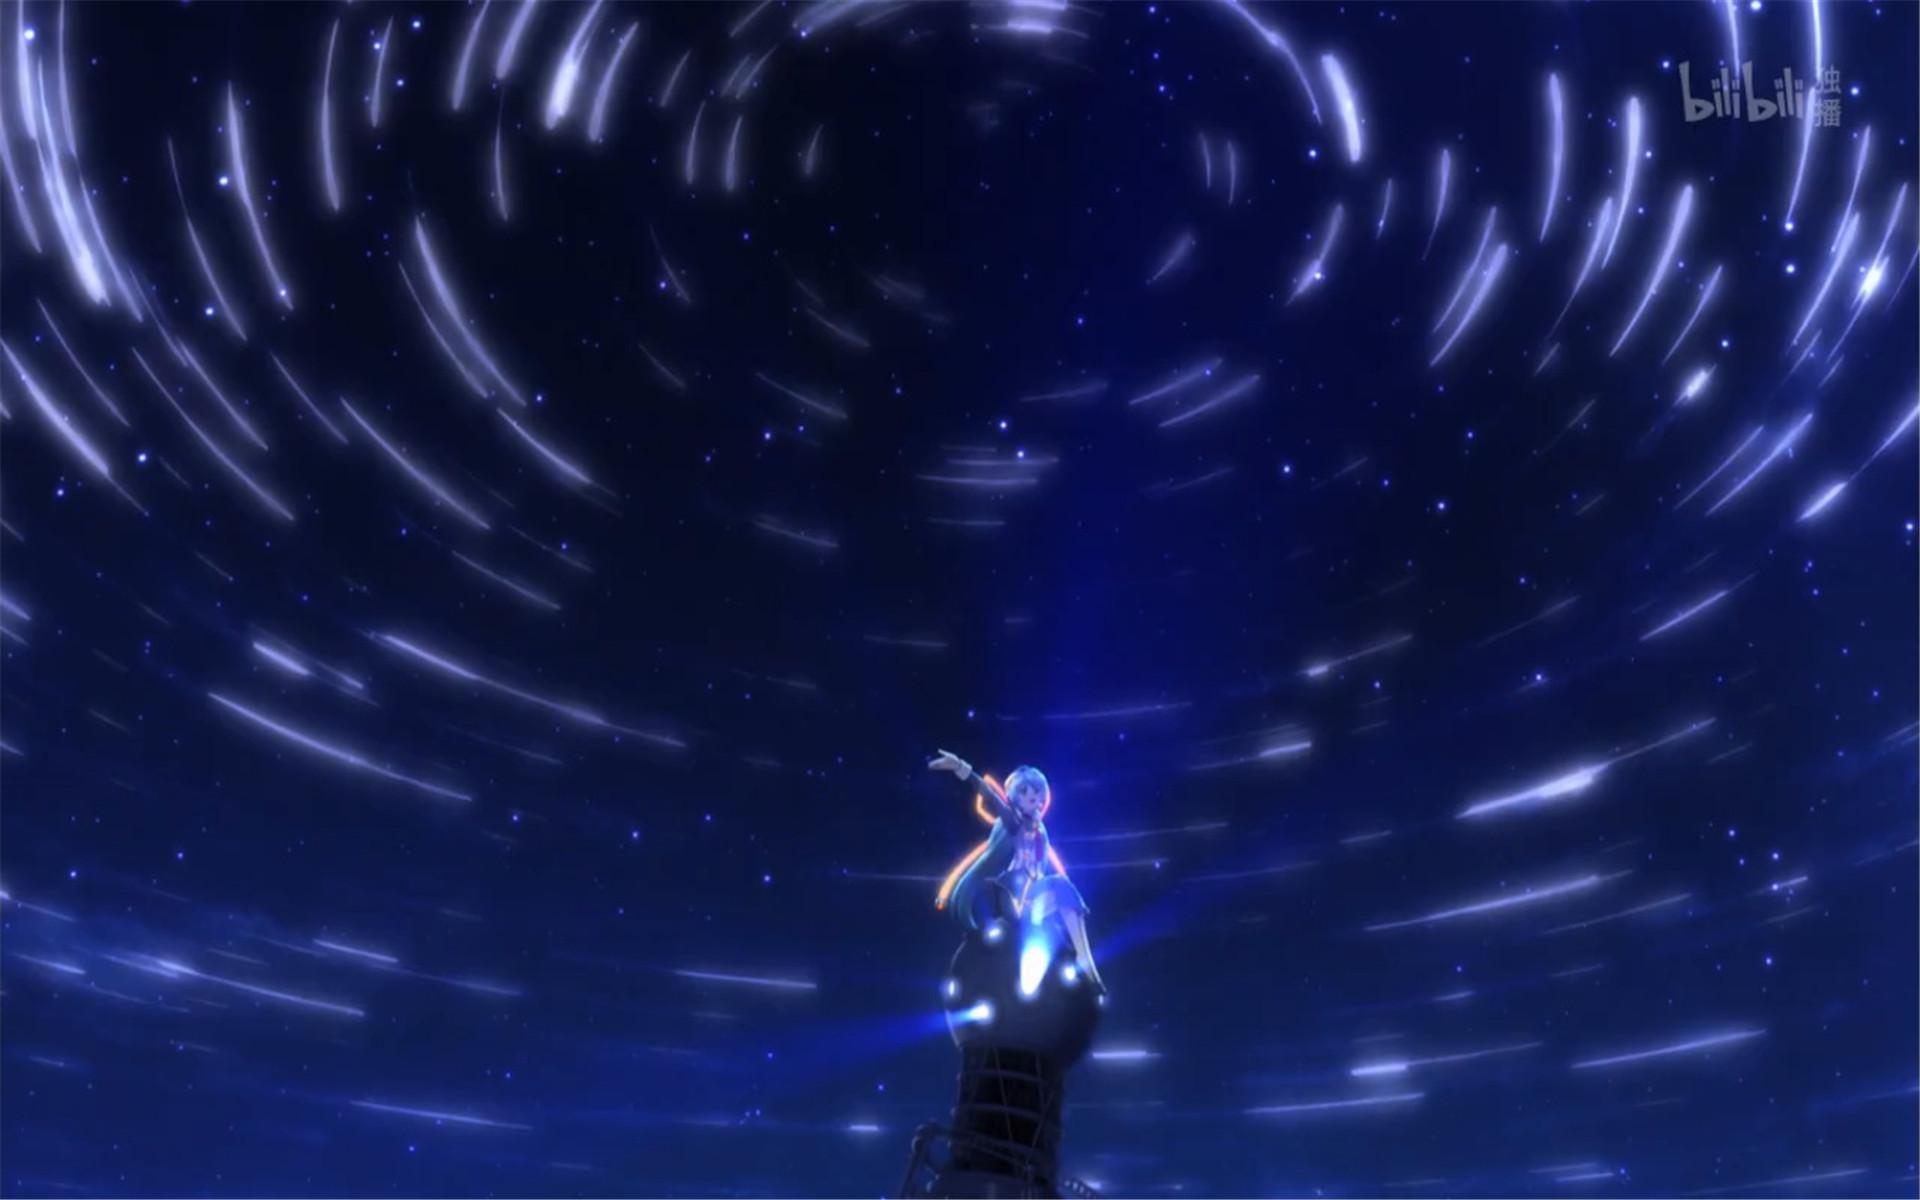 动画《星之梦》PPT背景图片免费下载是由PPT宝藏(www.pptbz.com)会员zengmin上传推荐的卡通PPT背景图片, 更新时间为2016-11-23,素材编号112426。 网络动画《星之梦》改编自Key同名游戏,是planetarian的起始篇,动画由david production负责制作。2016年4月1日宣布动画化,4月15日宣布为WEB动画,并且还公布了剧场版动画《星之人》上映详情。 在封印的都市中被废弃的天象馆,误入其中的男人所见到的机器人少女,那是被繁星所引导的奇迹的物语。 那是